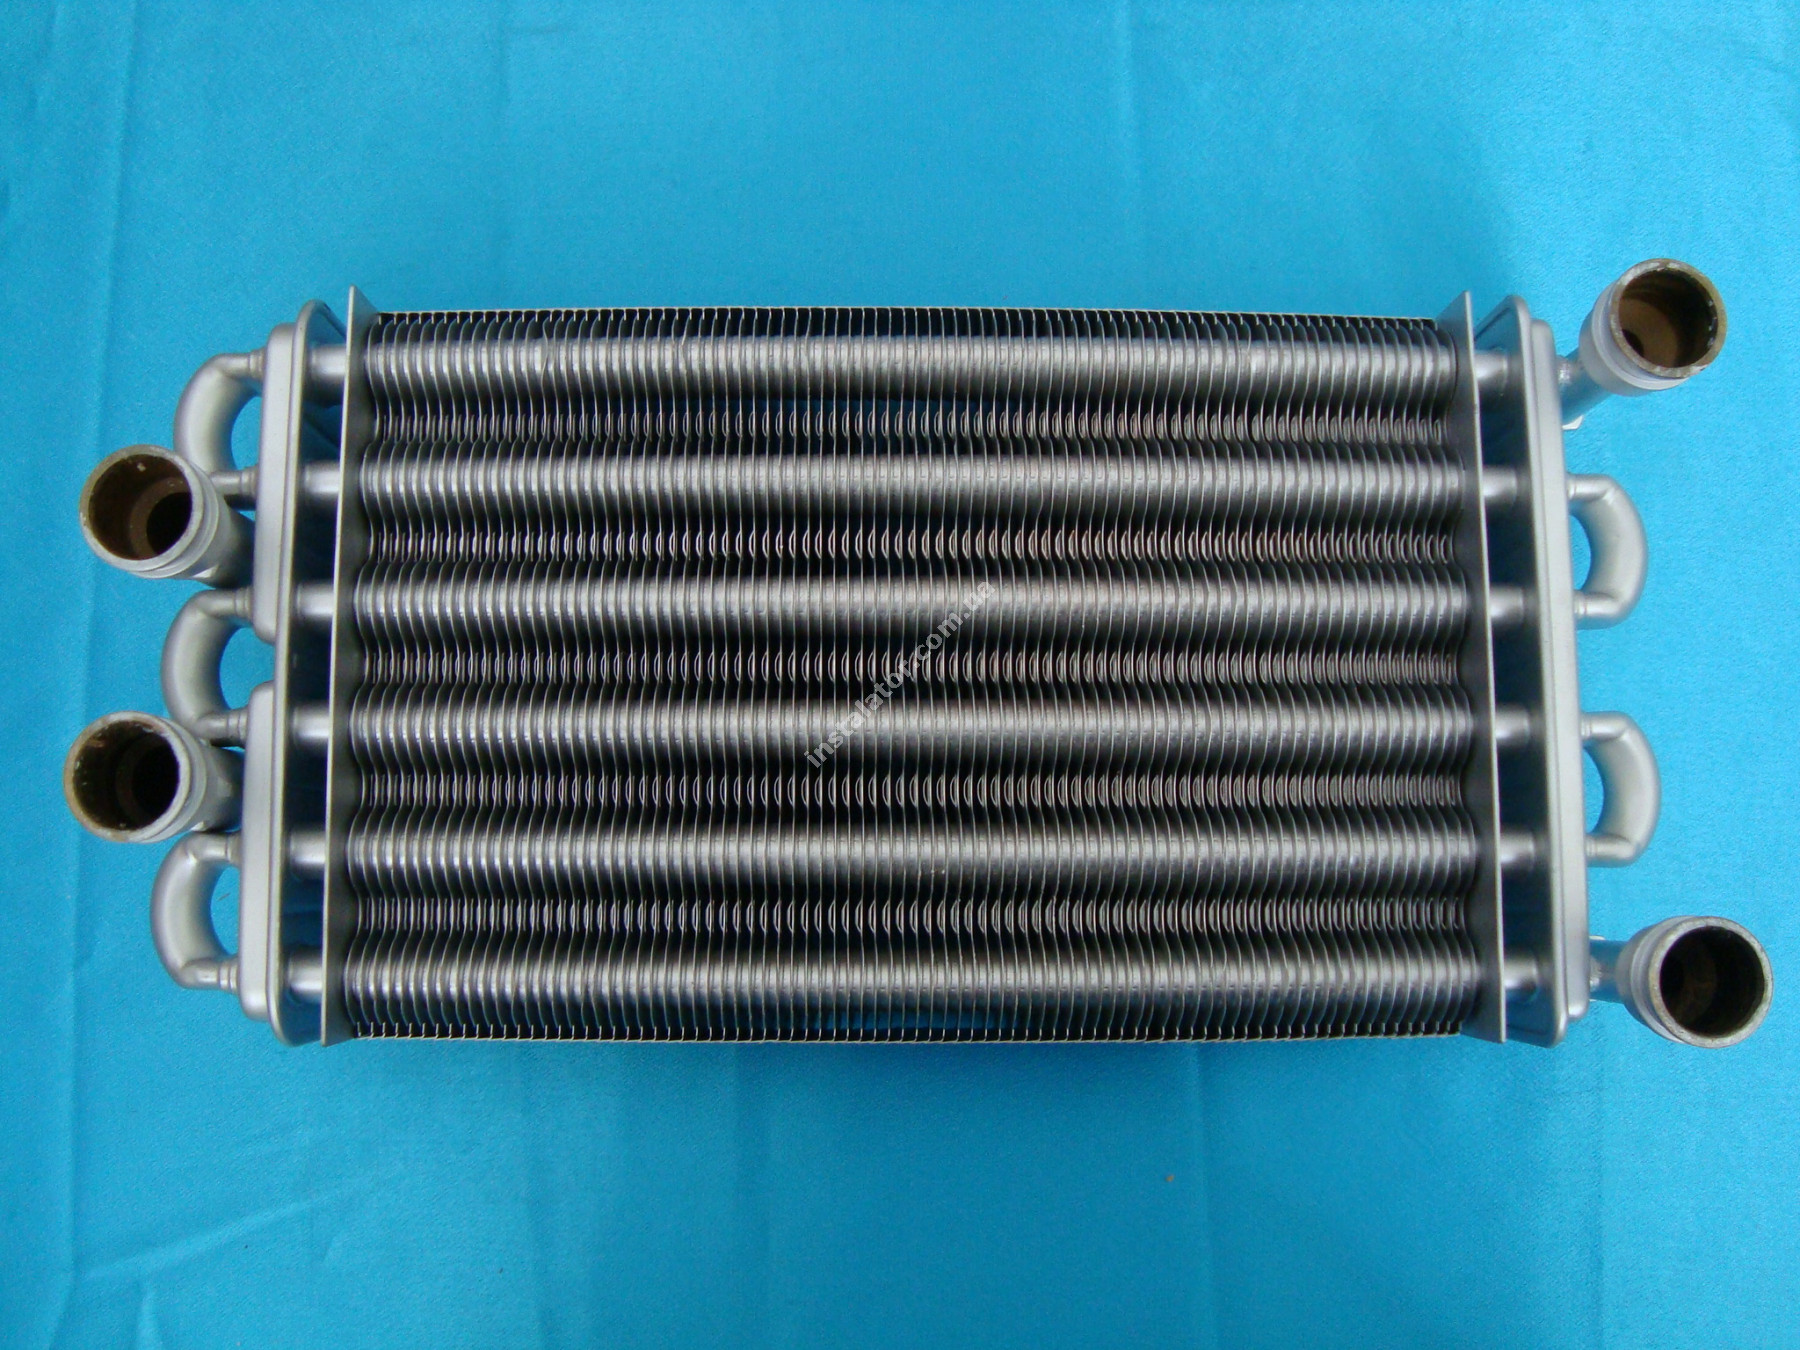 616170 Теплообменник битермический BAXI WESTEN QUASAR full-image-1